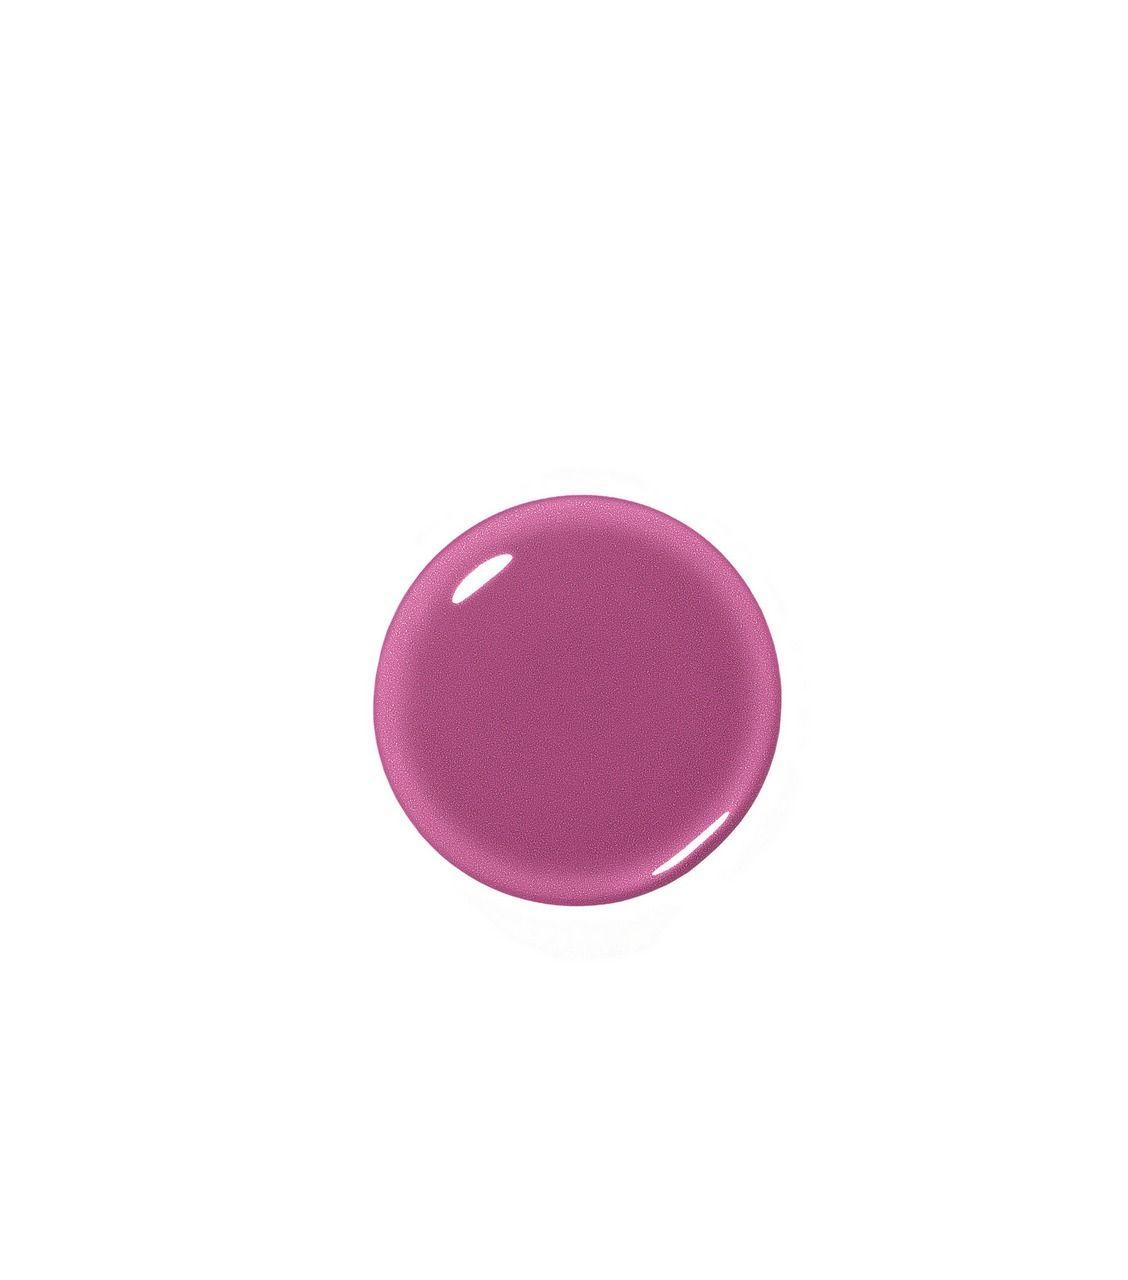 Goliath Grape